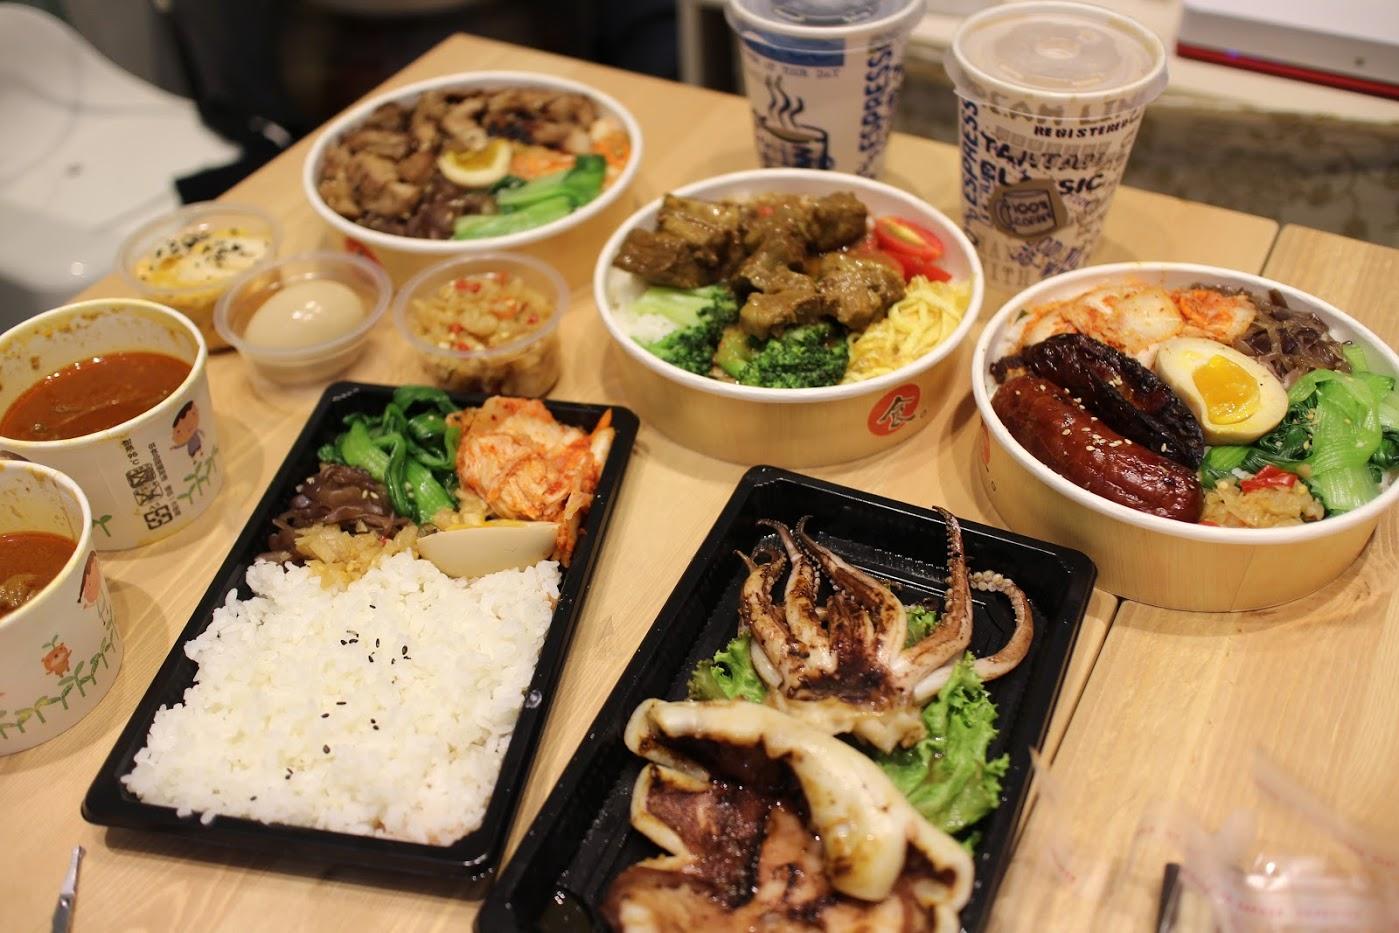 網路高評價的台北西門町【三朵花】好吃燒肉鍋物午晚餐外送!使用熊貓外送就能輕鬆在家吃到美食~ @秤瓶樂遊遊